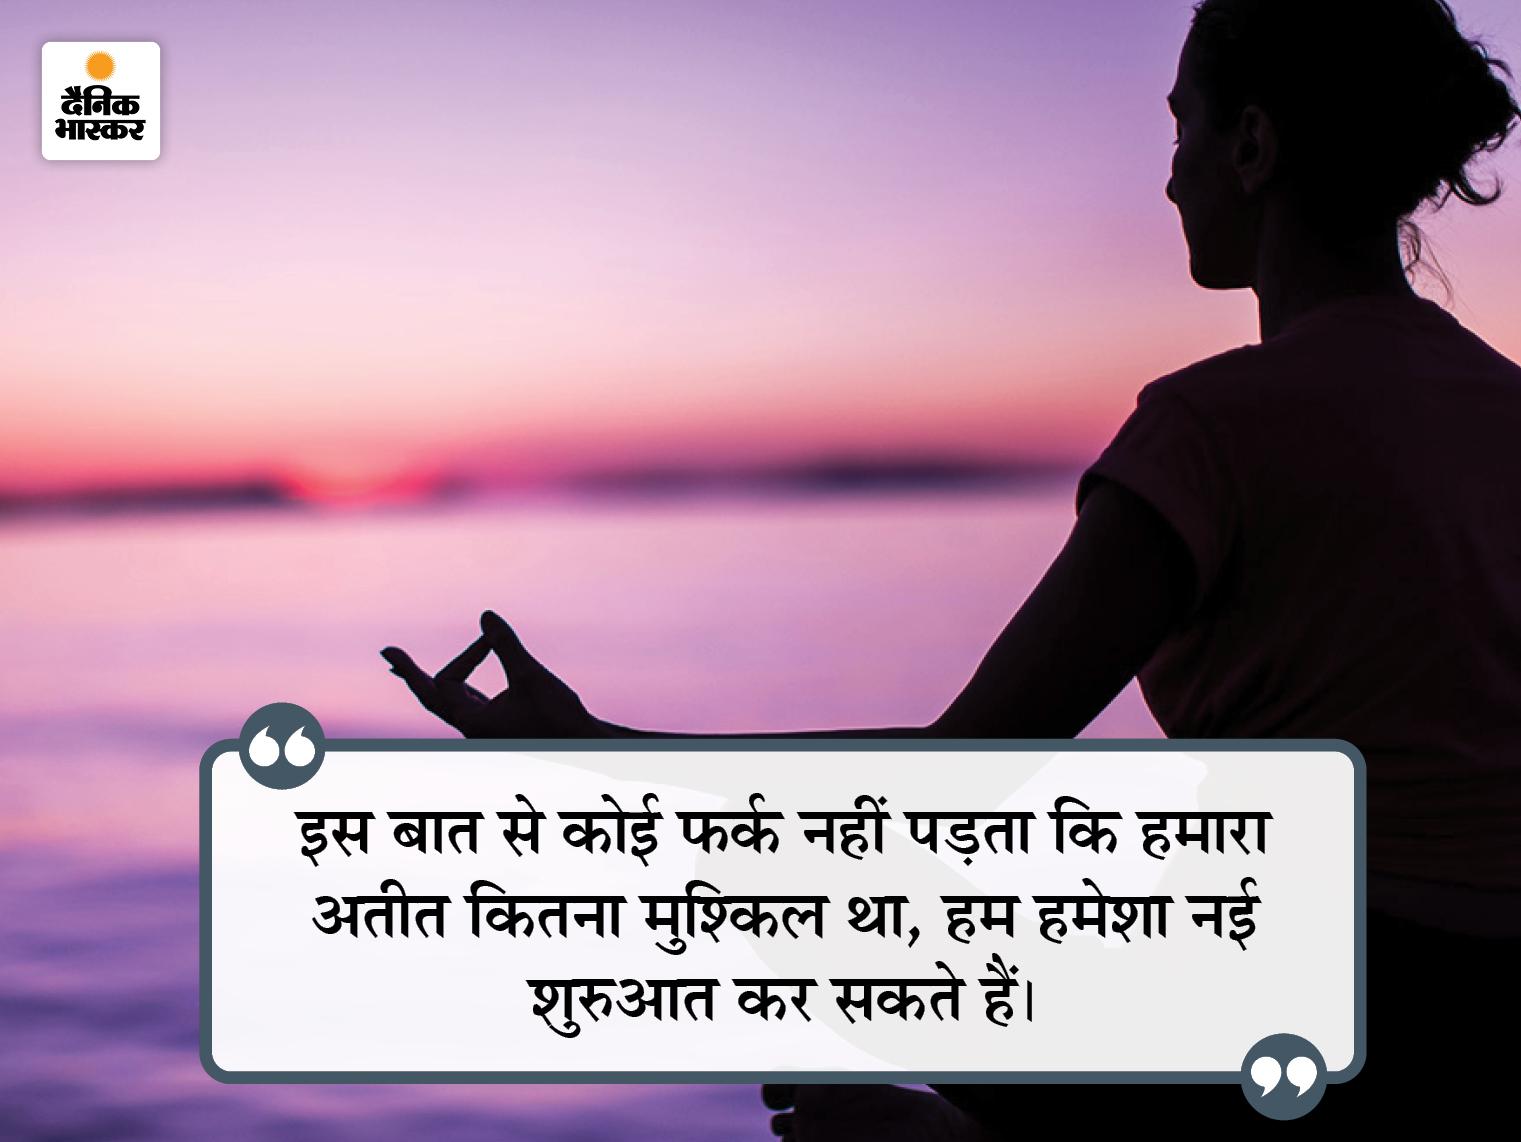 सफलता तब मिलती है, जब हमारे सपने हमारे बहानों से बड़े हो जाते हैं|धर्म,Dharm - Dainik Bhaskar